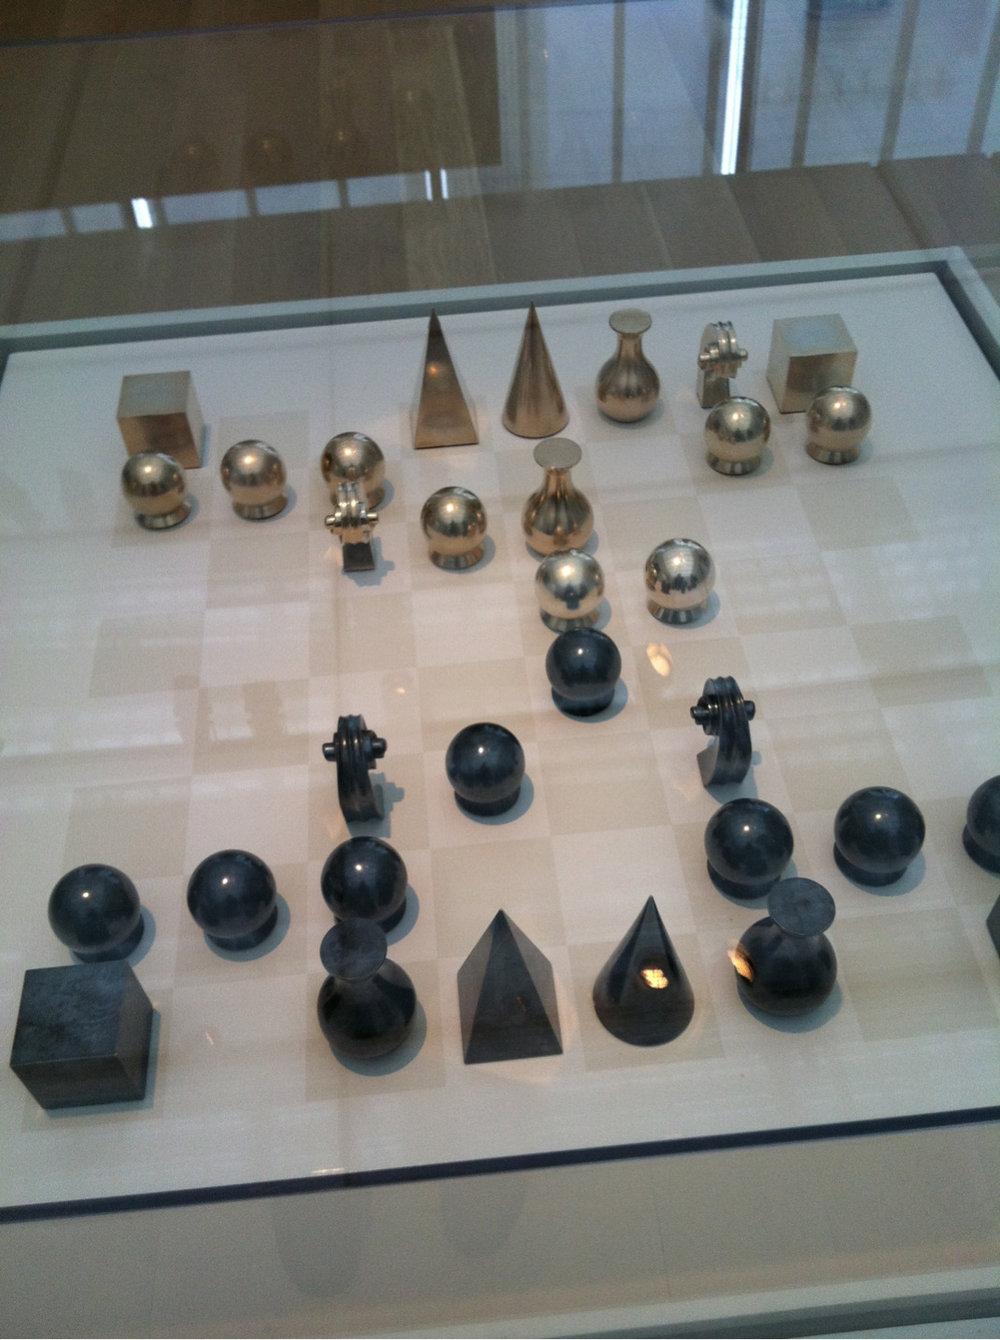 Super cool chess board